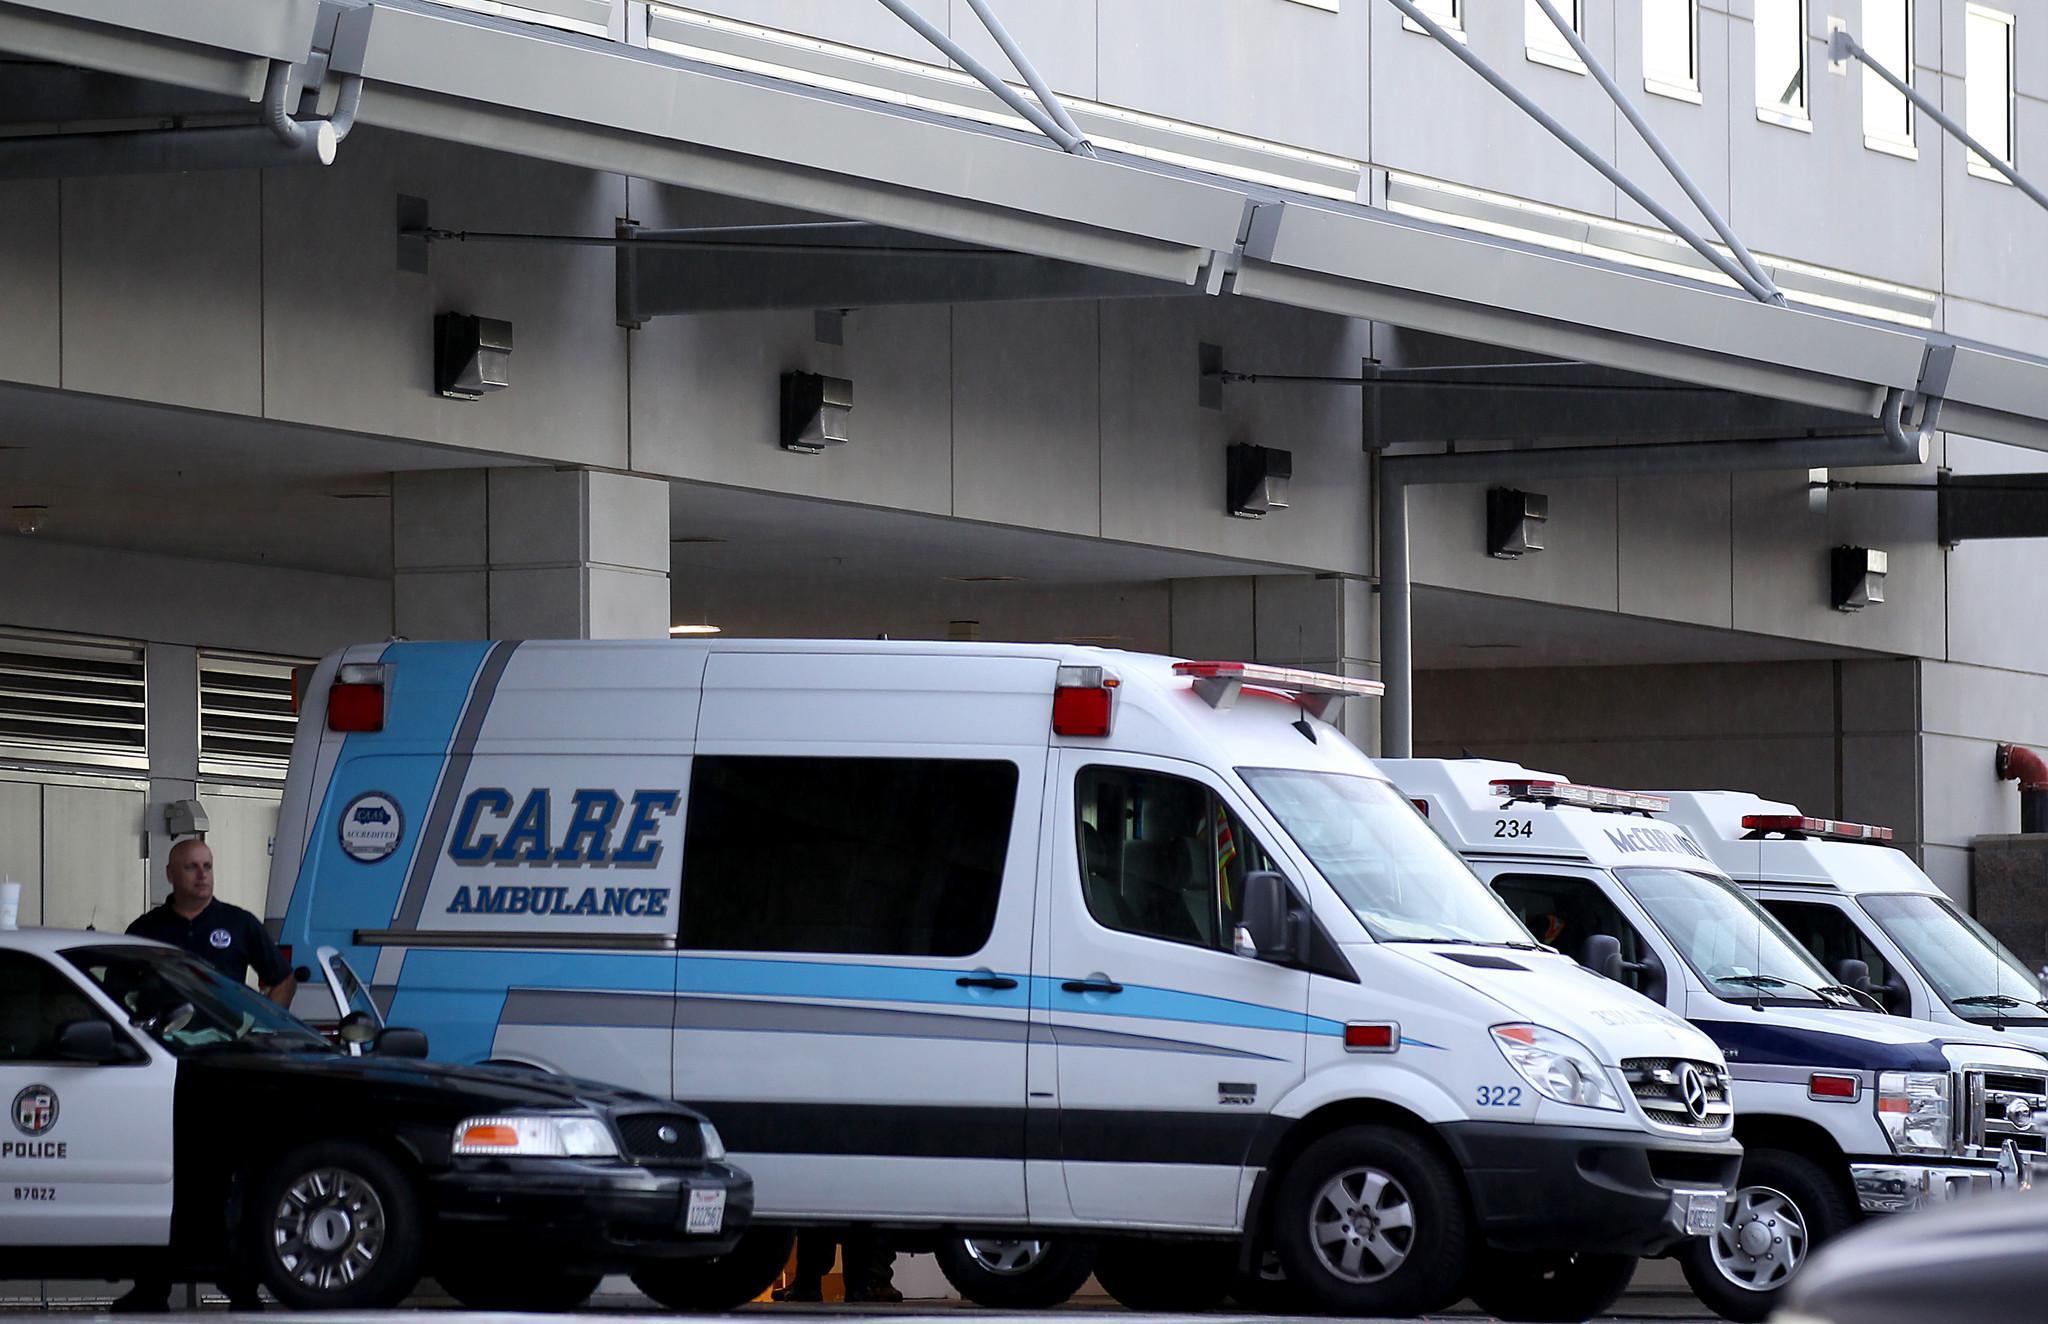 West Los Angeles Emergency Room